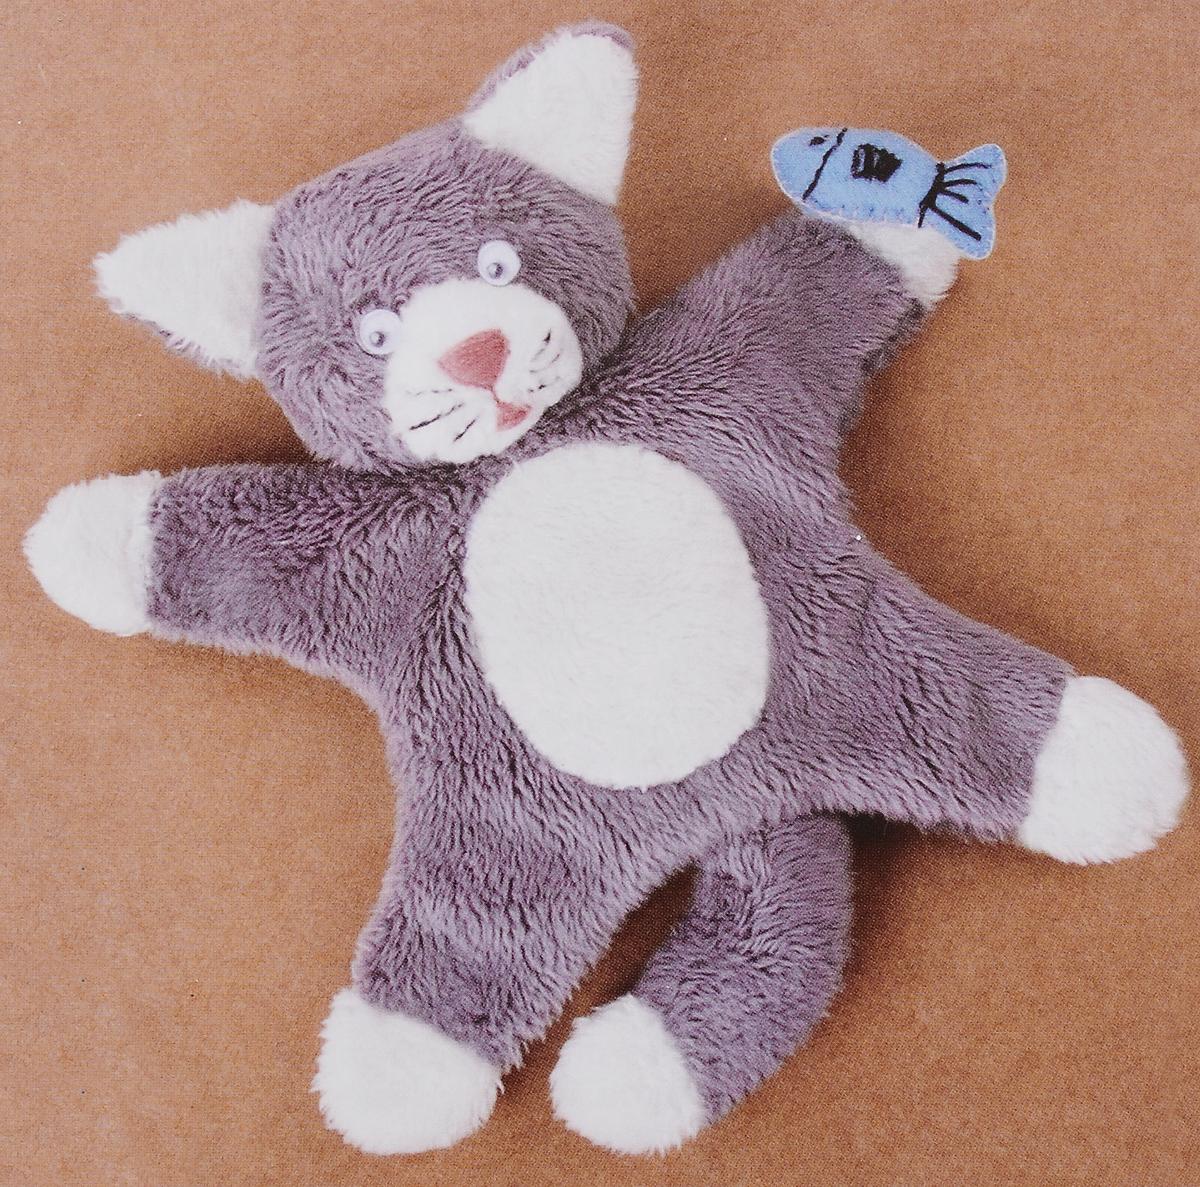 Набор для создания игрушки Miadolla Магнит. Котик, высота 12 см набор сундучков roura decoracion 26 х 20 х 15 см 2 шт 34791